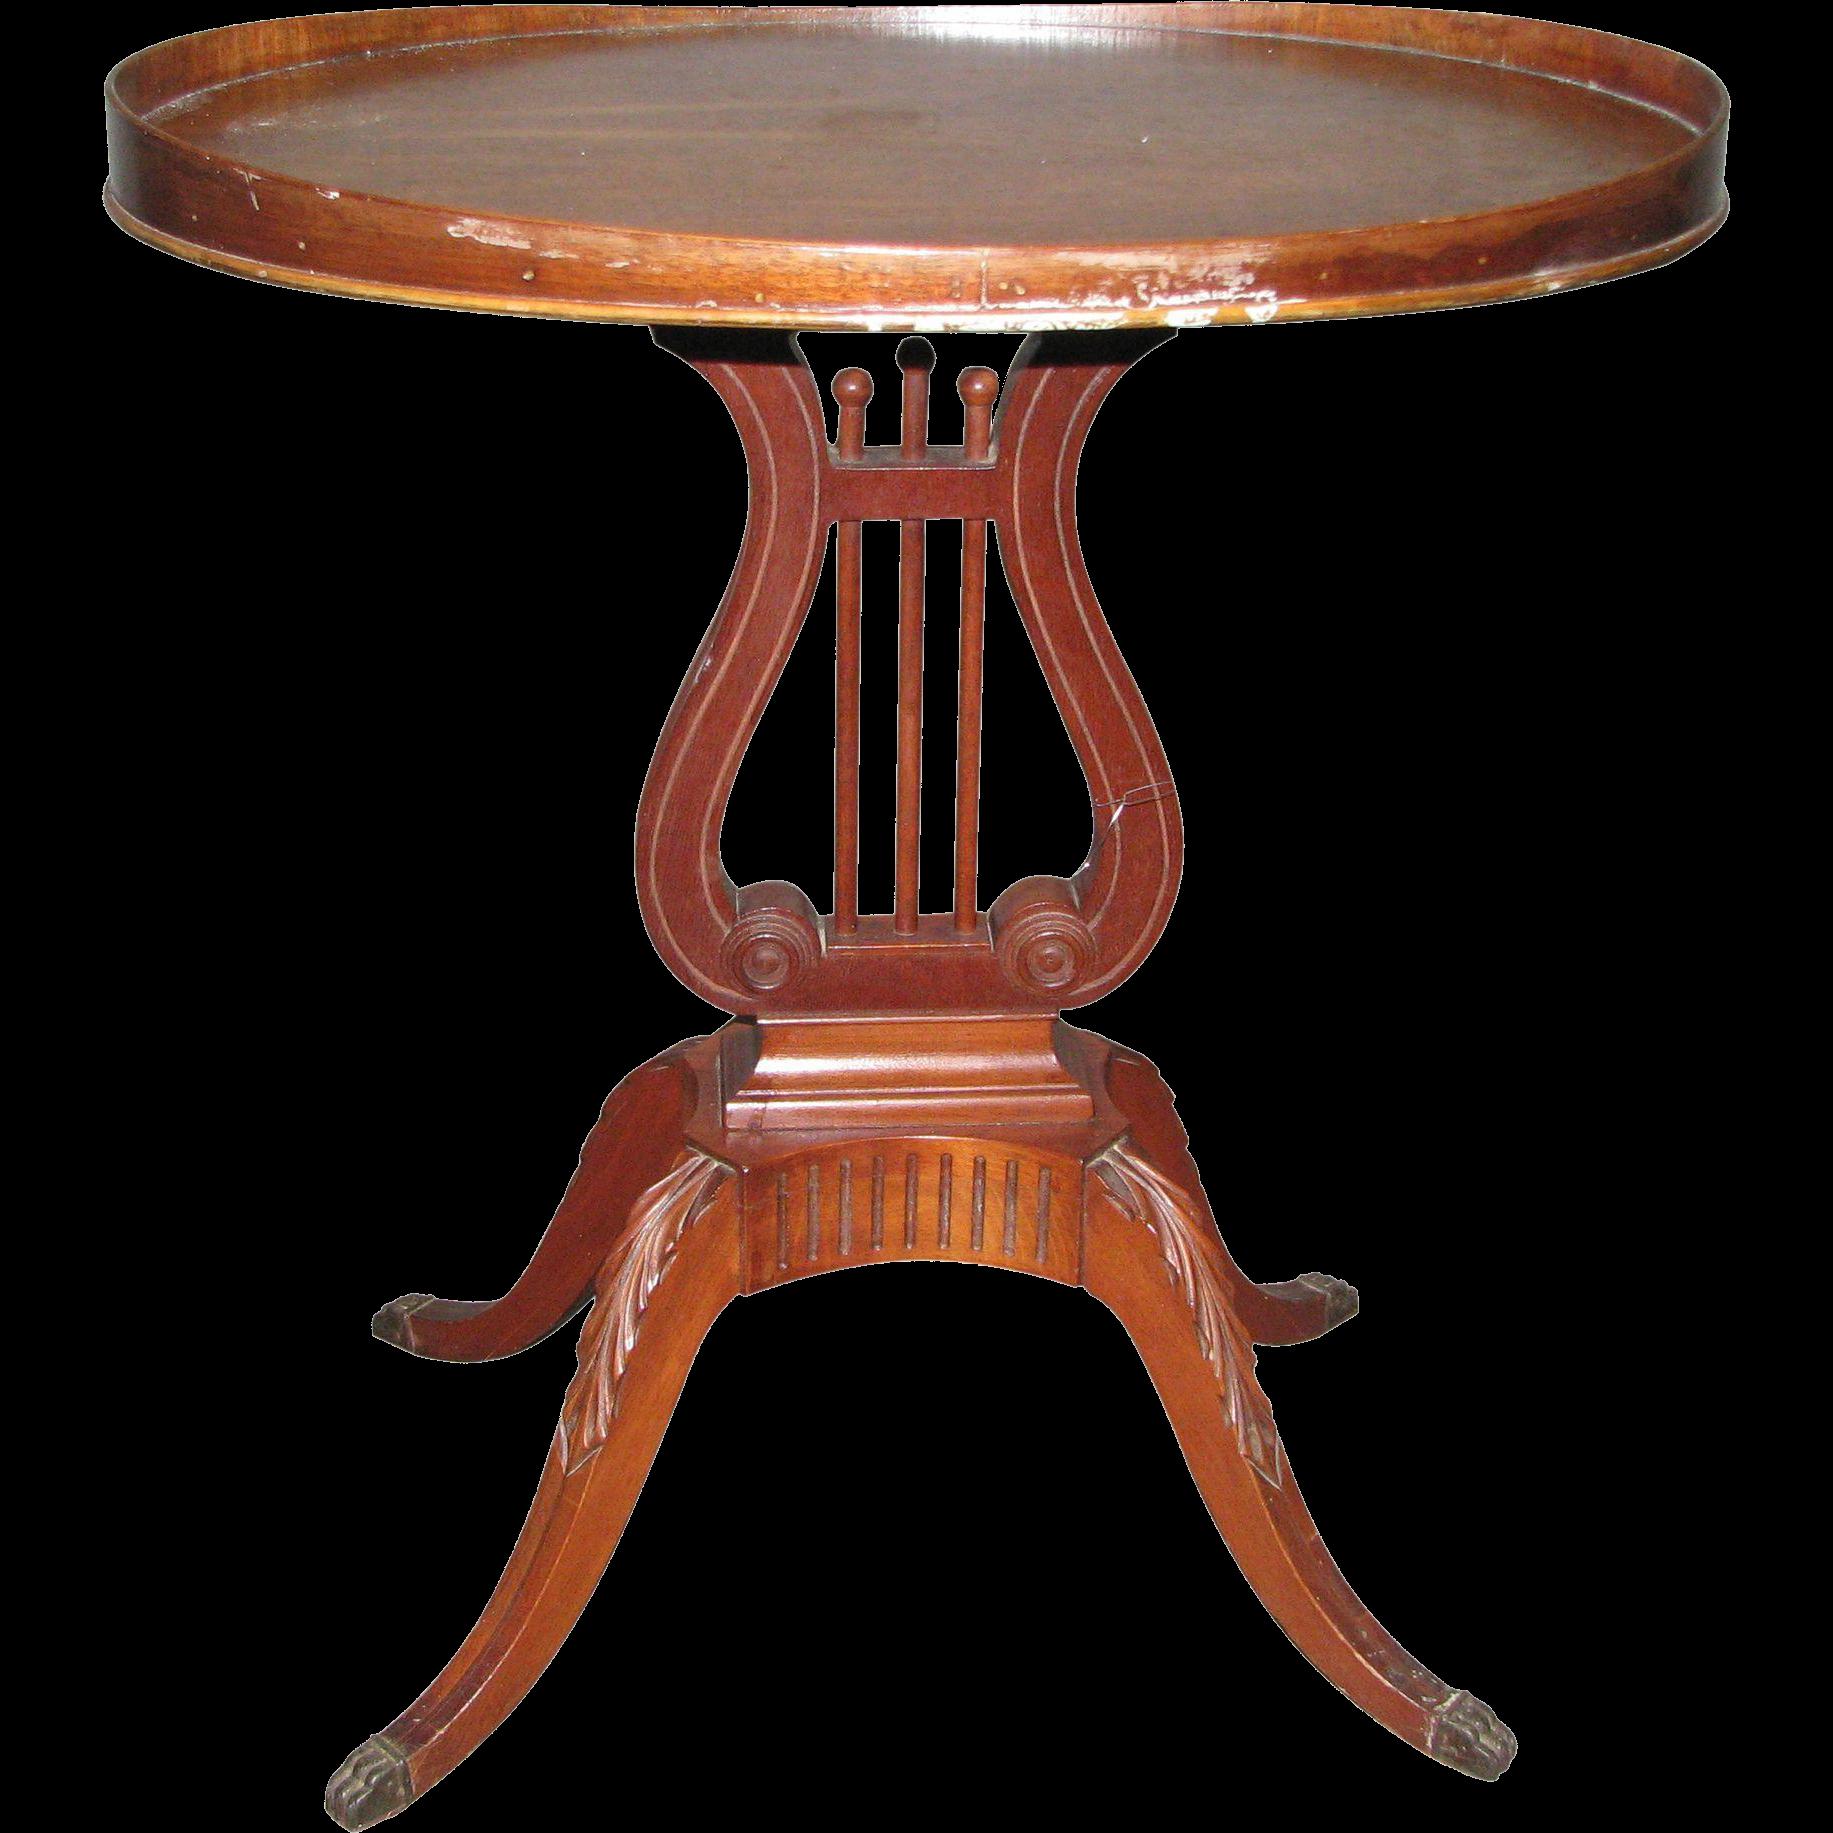 1940s Mahogany table with harp motif